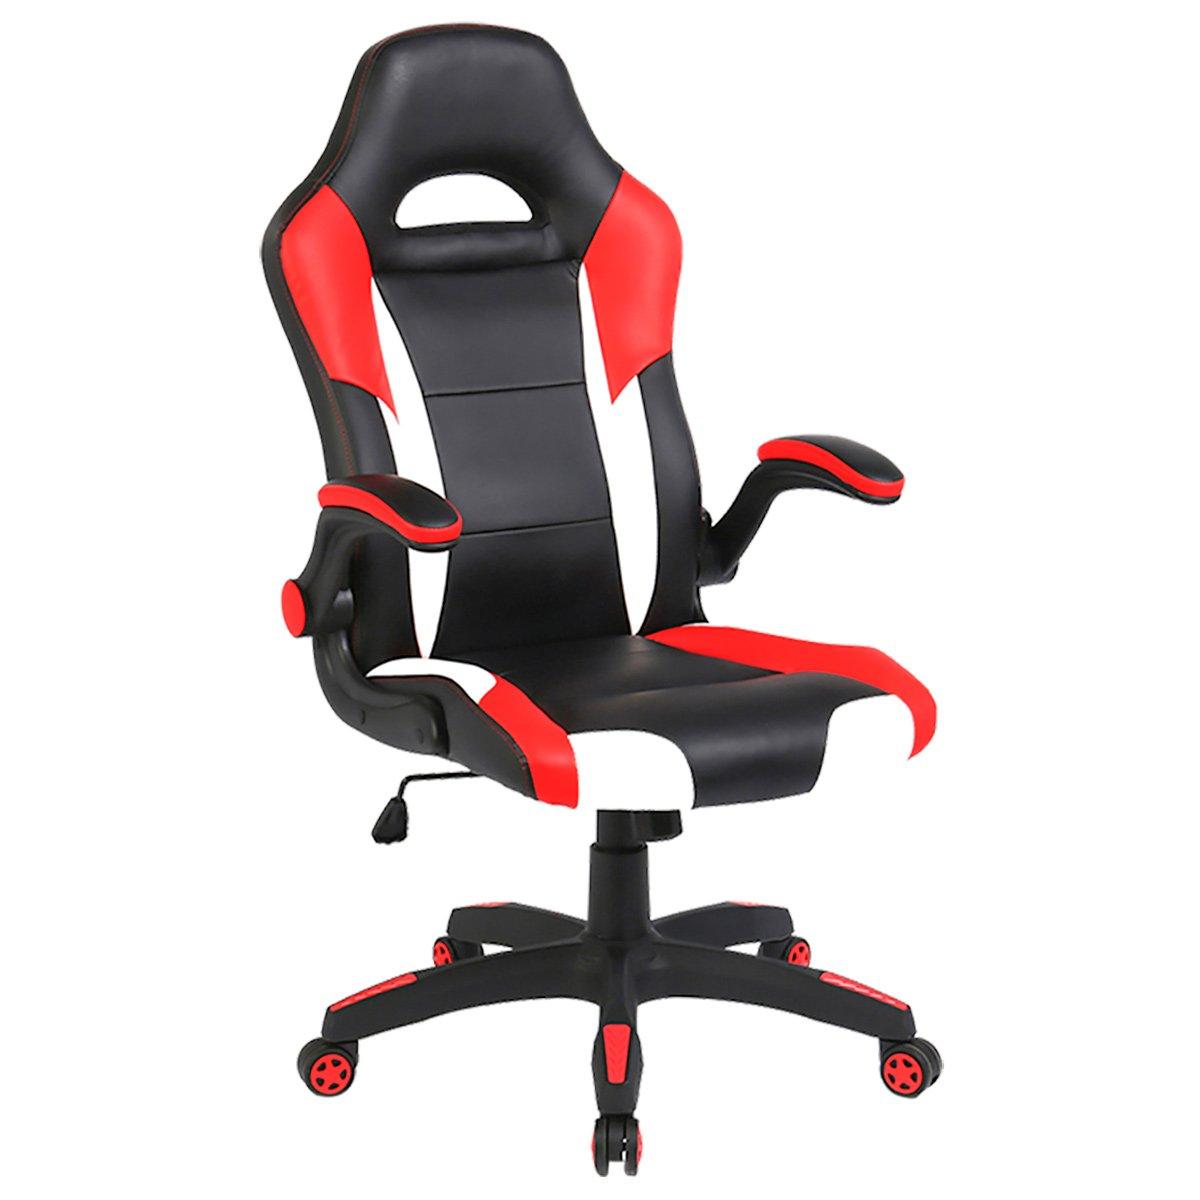 Yamasoro ergonomico PU computer Gaming Racing alta della sedia da ufficio con braccioli ribaltabili girevole grande e alto Haimanmile